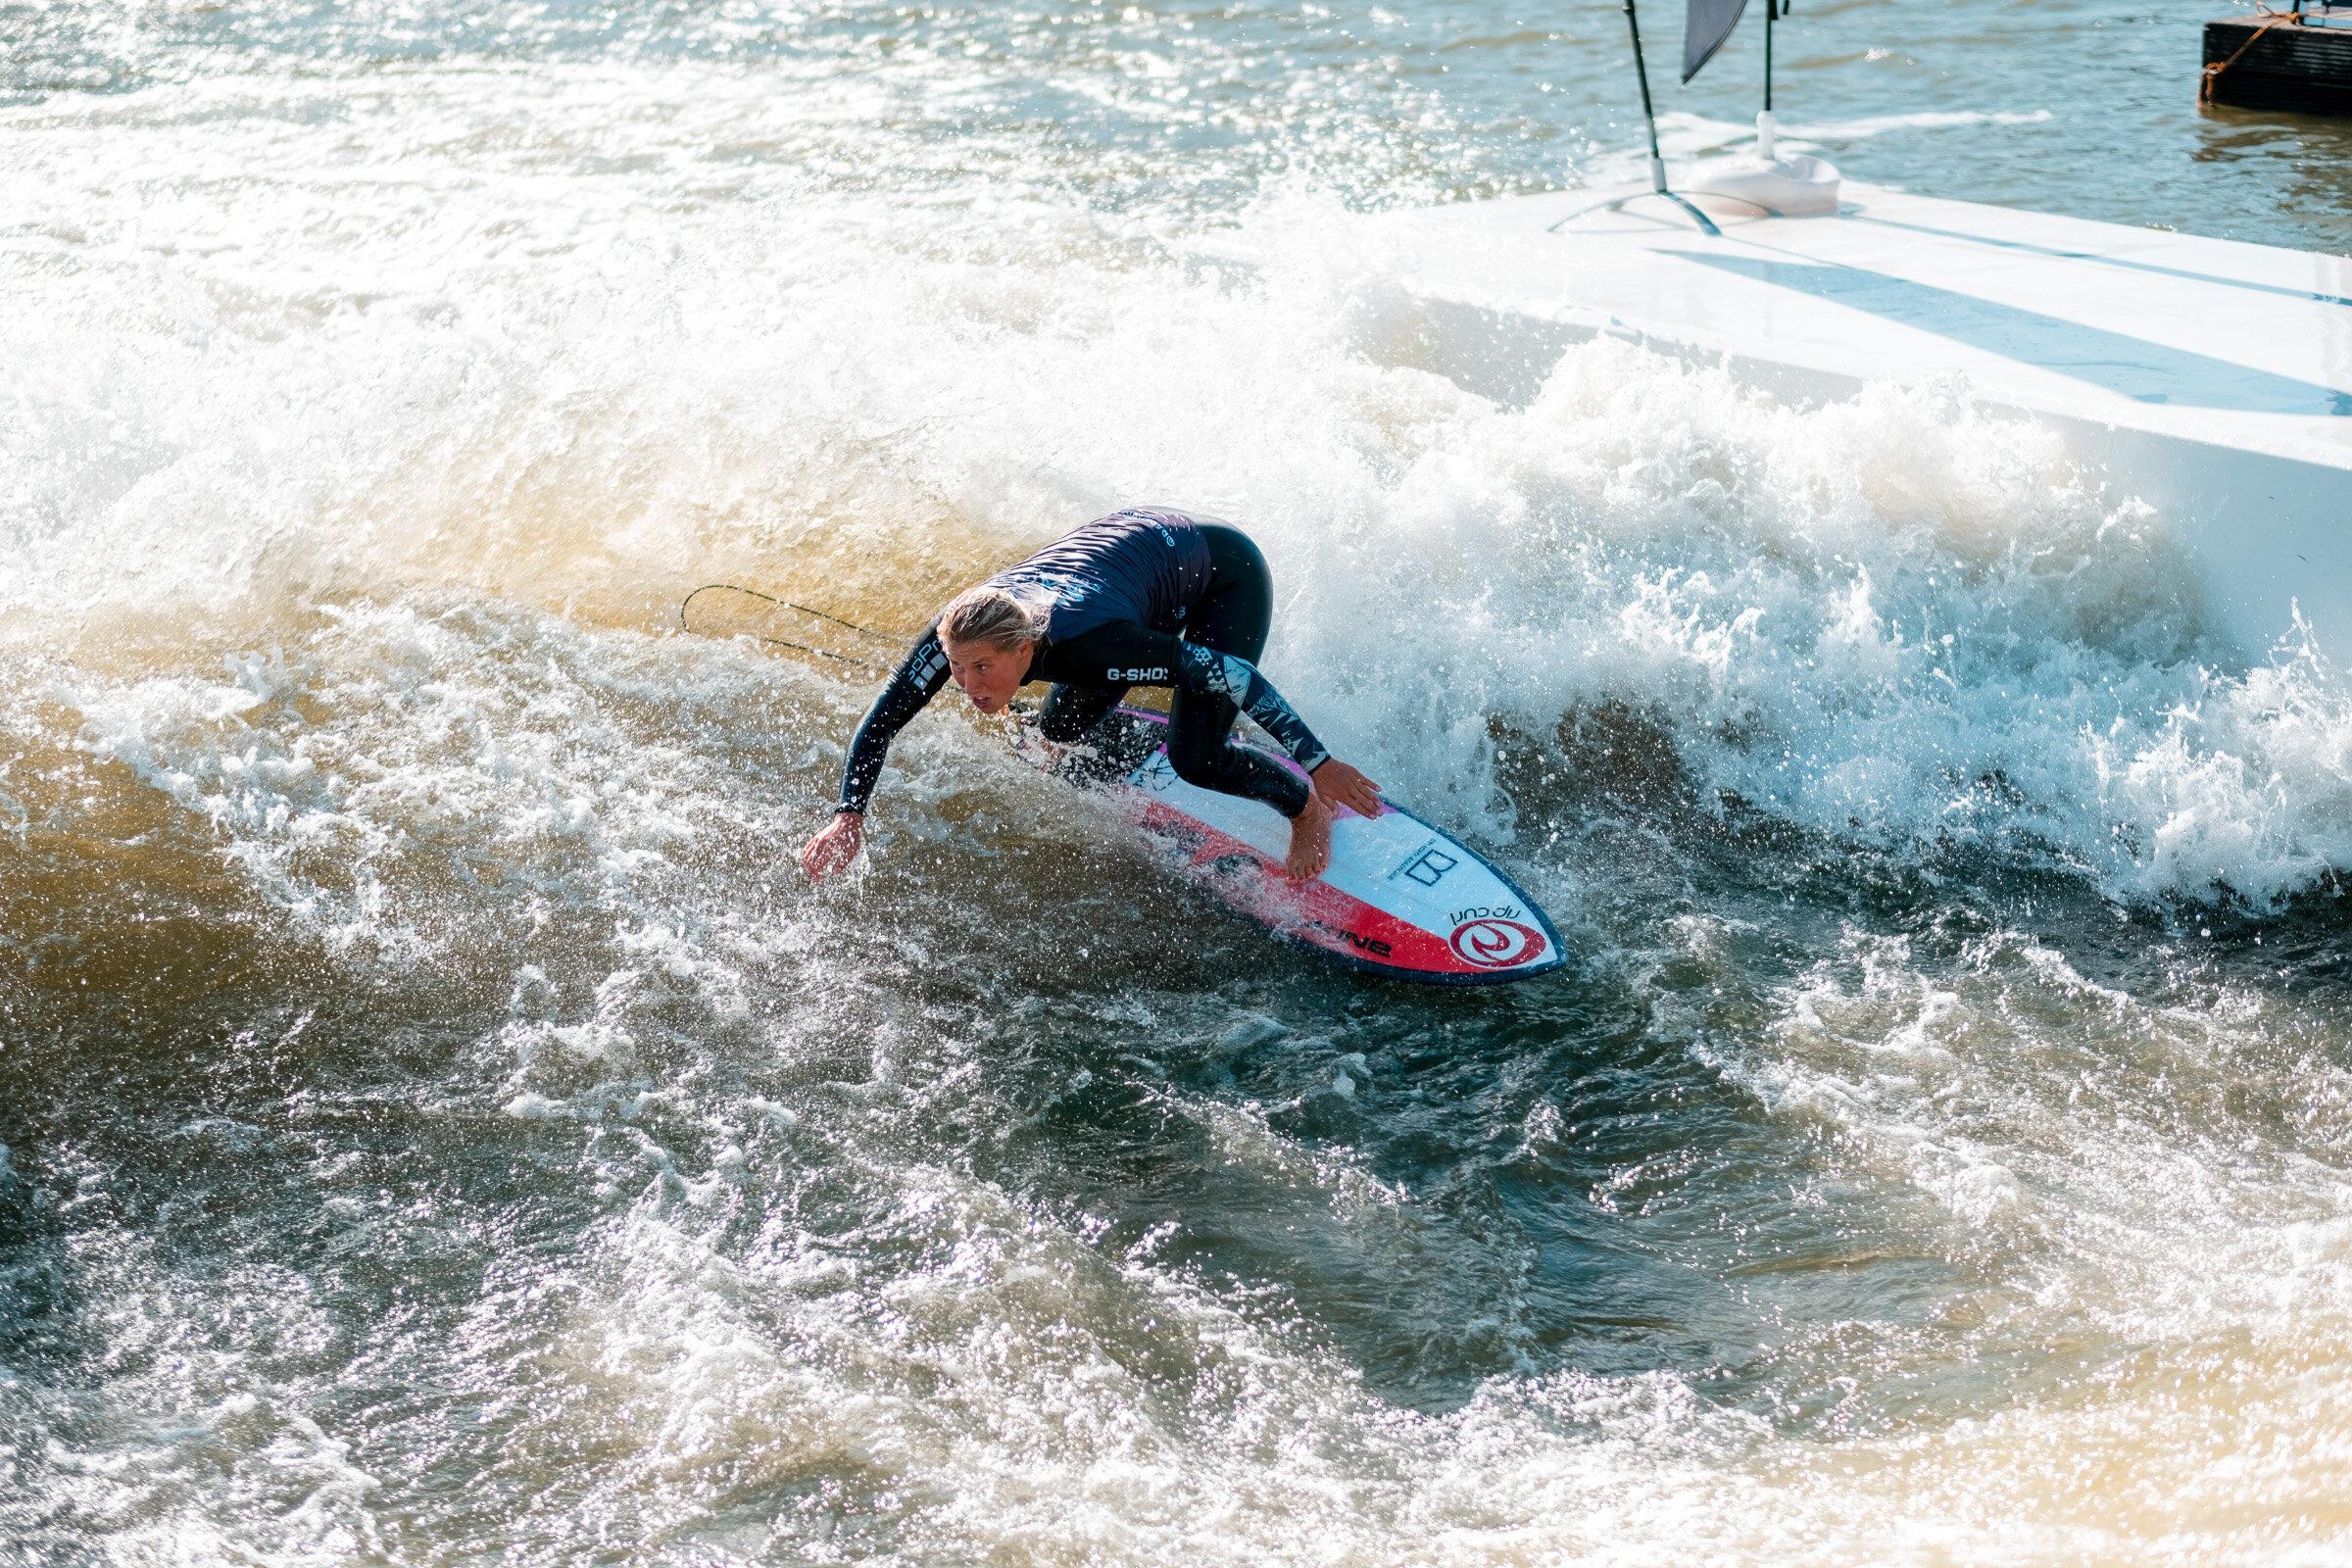 rapid-surf-contest-derKristof-233.jpg